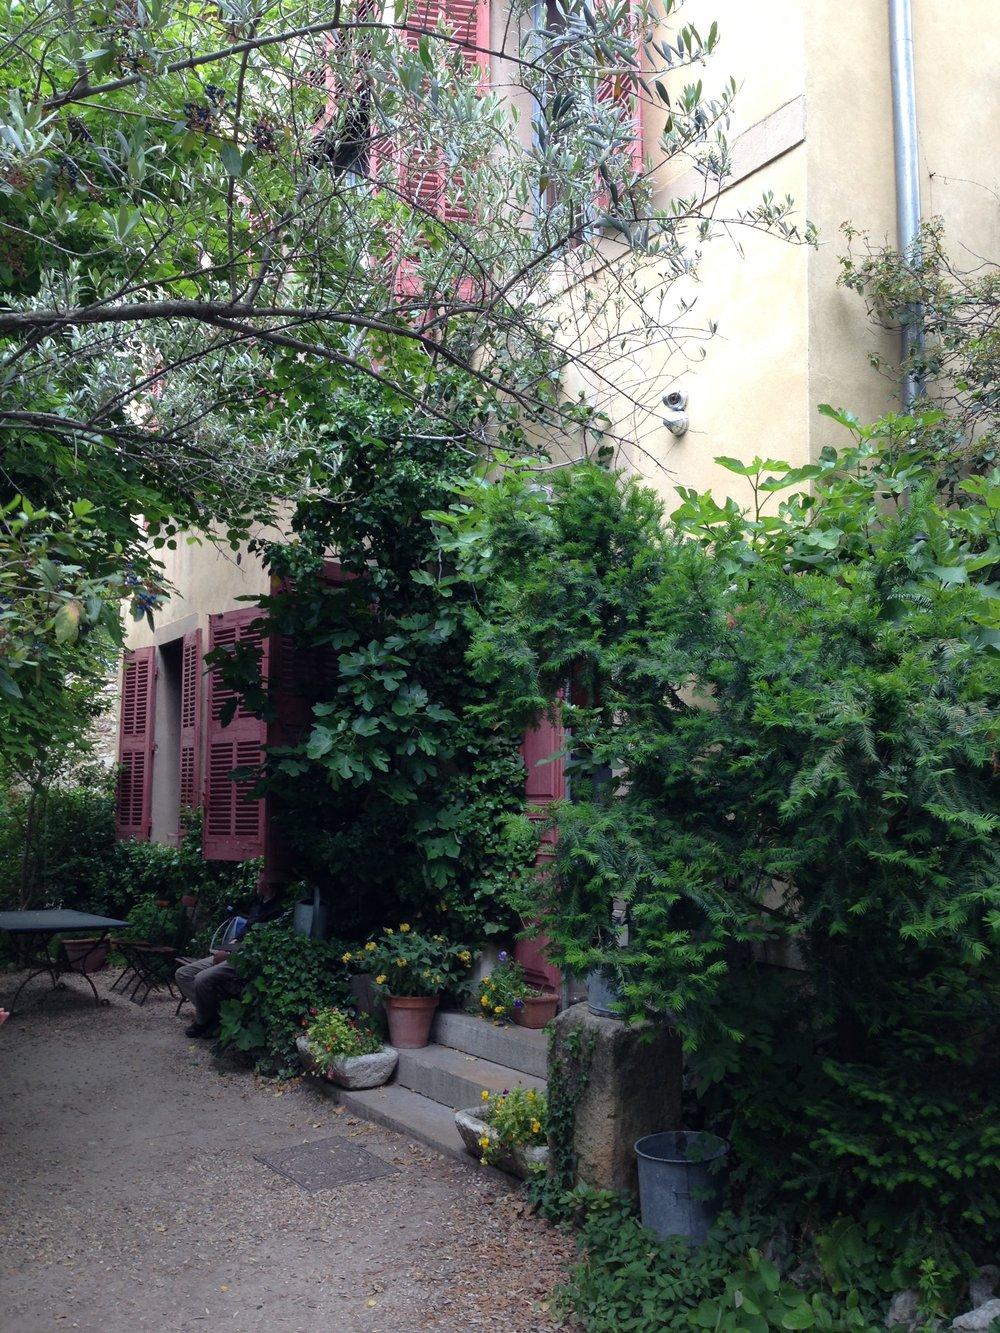 Entrance to Paul Cezanne's studio in Aix-en-Provence